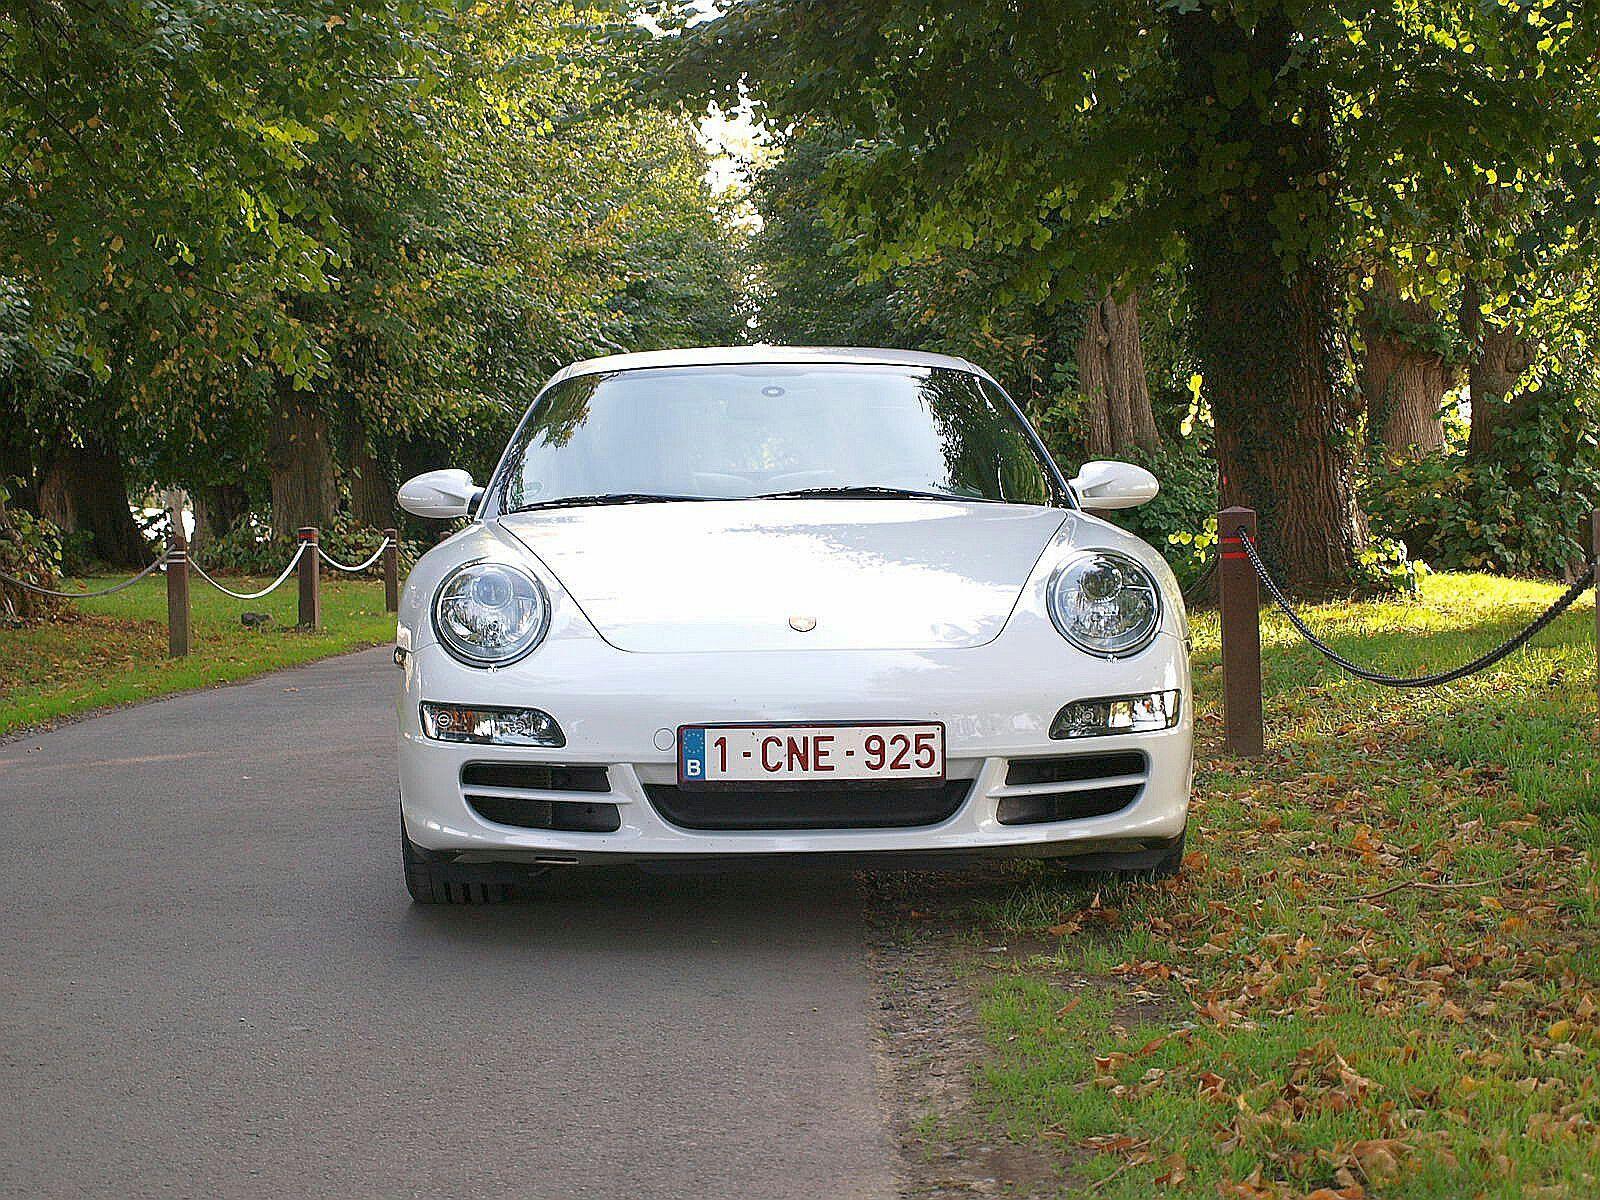 Porsche 997 Carrera S White 2006 997 Carrera S